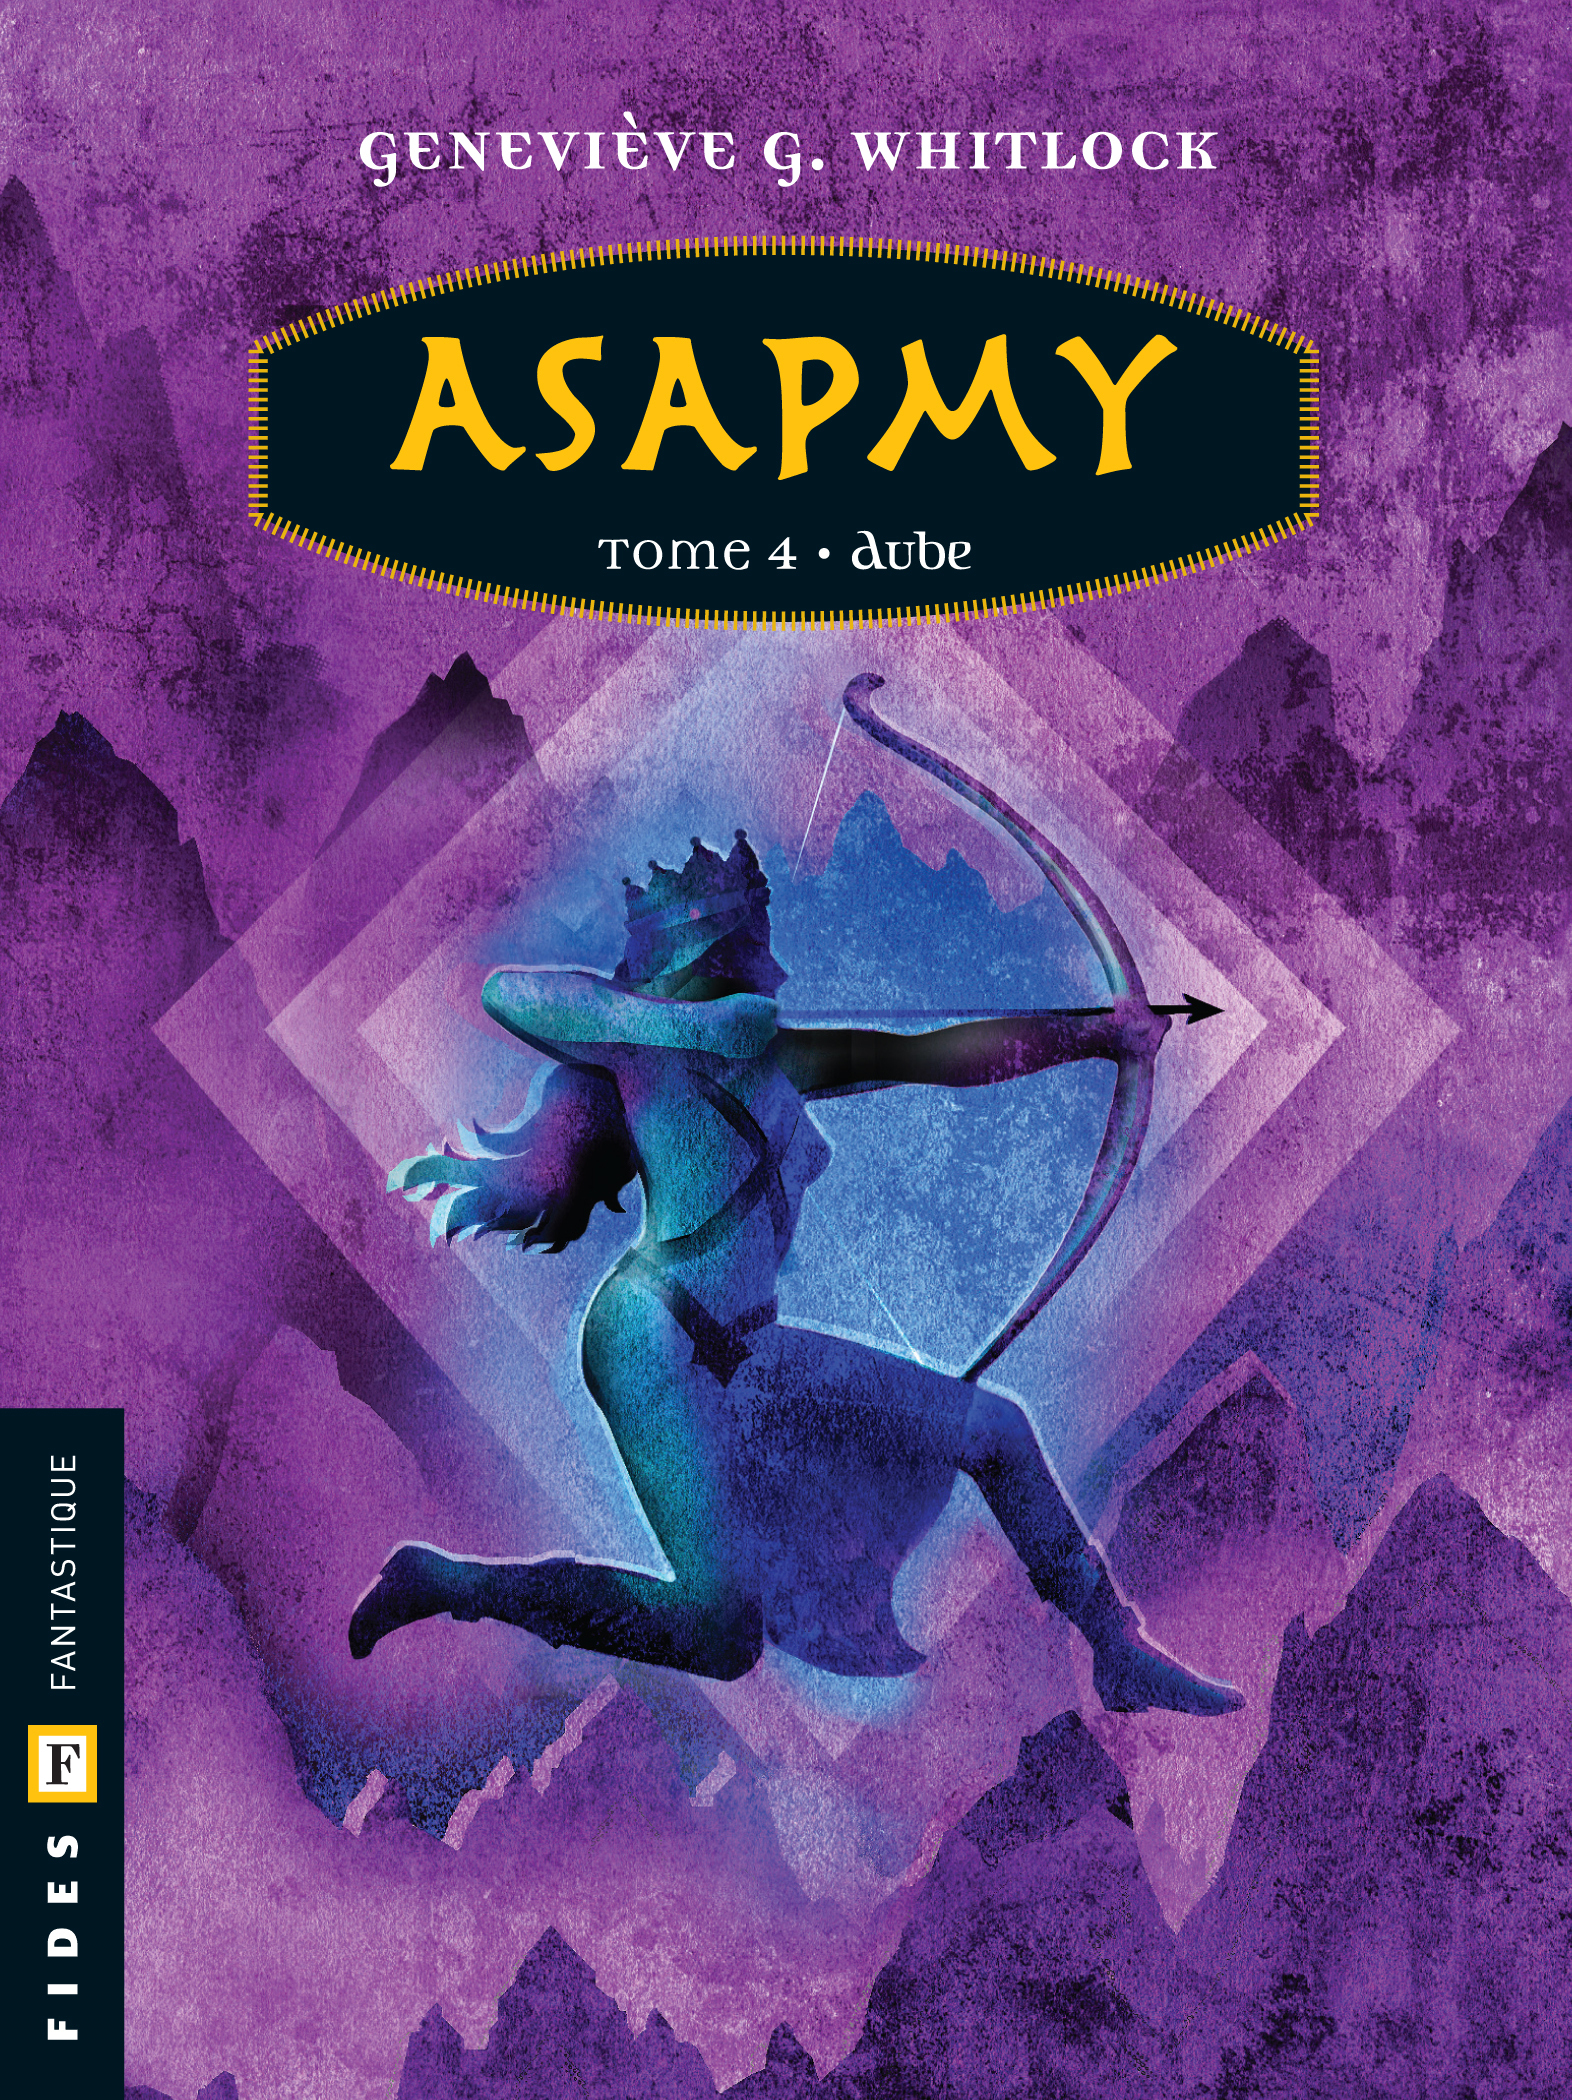 Asapmy - Tome 4, Aube